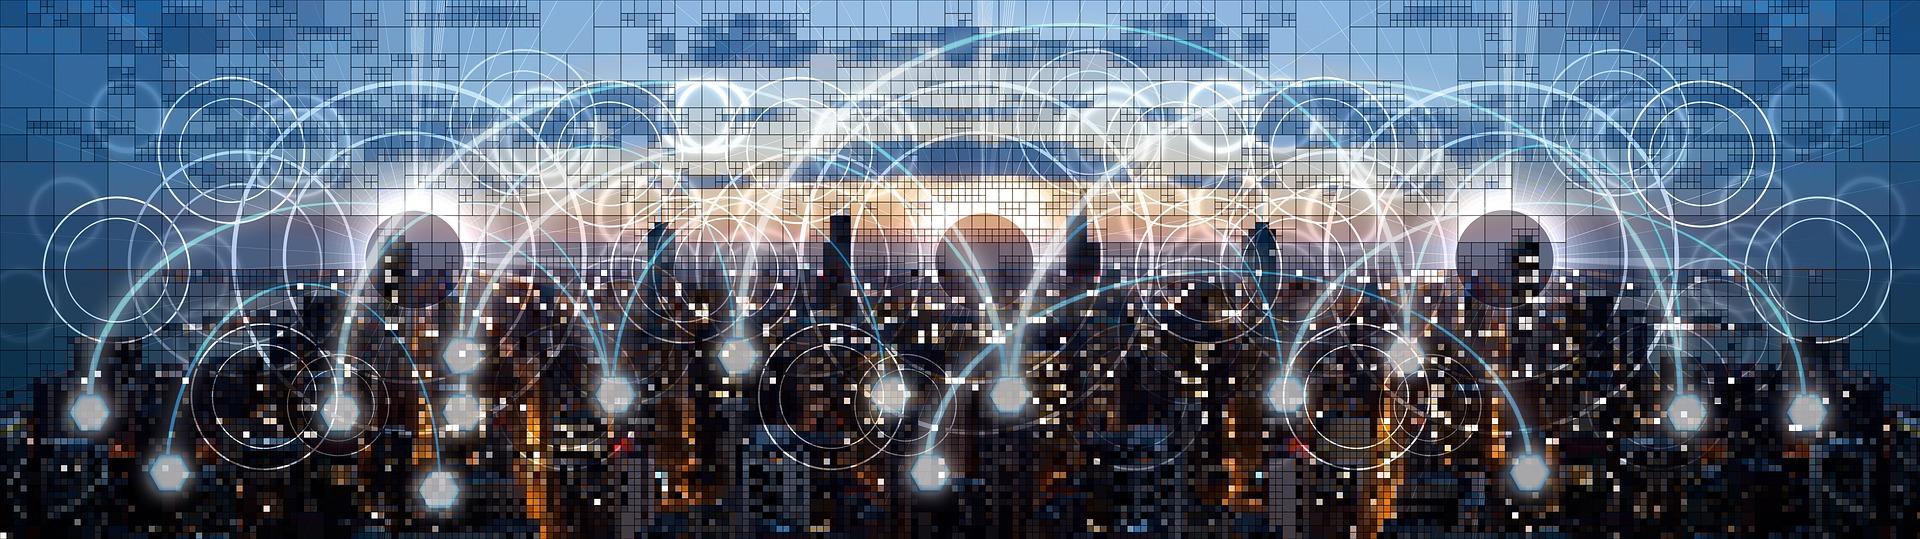 imagen de ciudad con conexiones